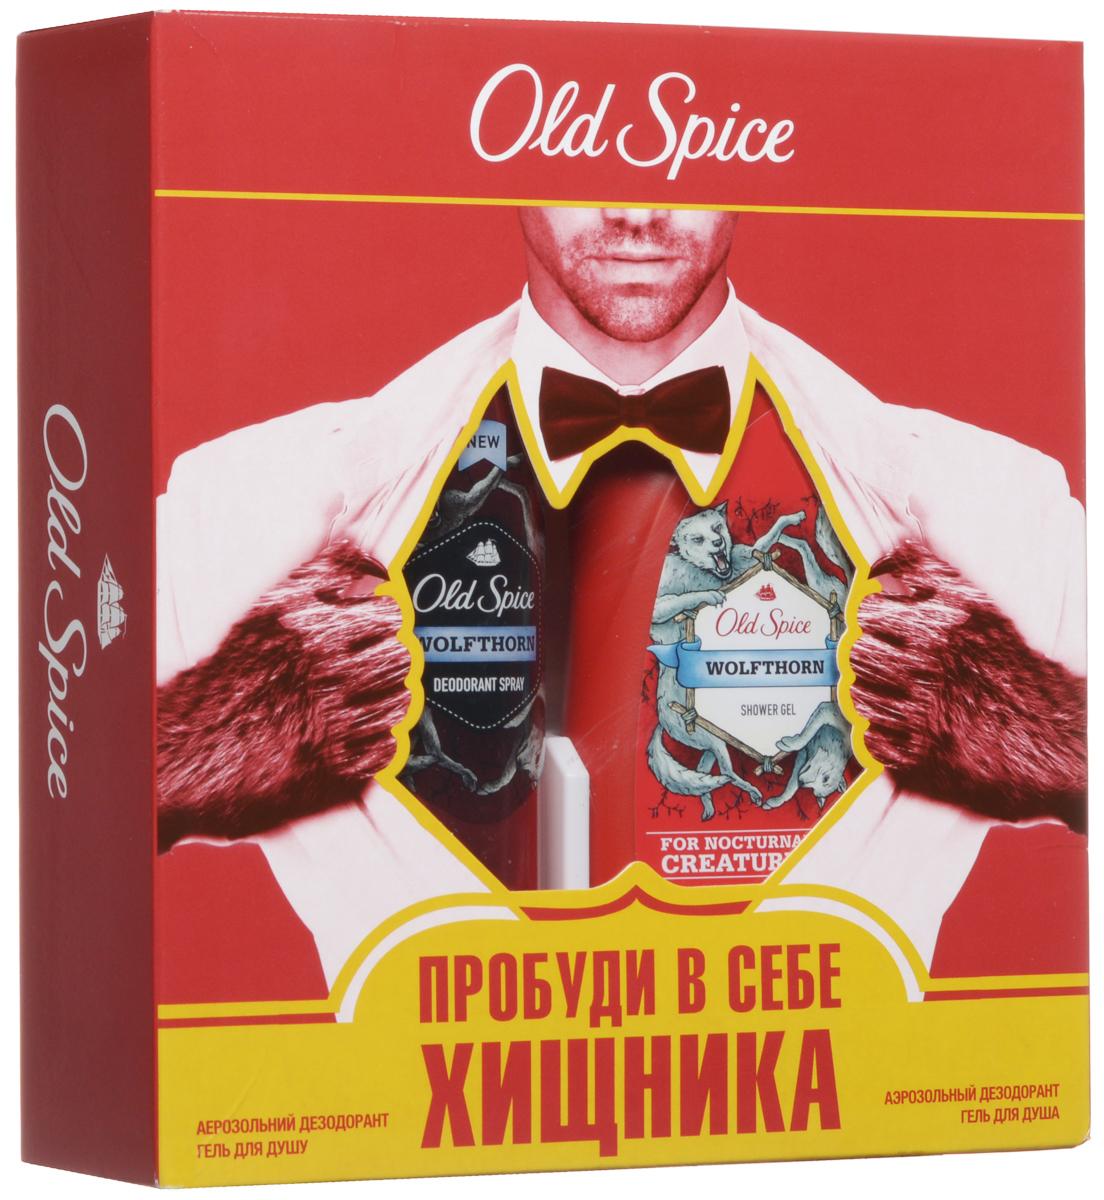 Old Spice Подарочный набор WOLFTHORN : Аэрозольный дезодорант 125 мл + Гель для душа 250млOS-81543778Пробуди в себе хищника! Old Spice Wolfthorn – это аромат звериного желания и колючей шерсти. Если запах колючей шерсти – это не то, что ты ищешь в аромате, то как насчет этого: Wolfthorn – это аромат нежных поцелуев бабочек и таинственного леденящего взгляда, от которого даже по спинам эскимосов бегут мурашки.